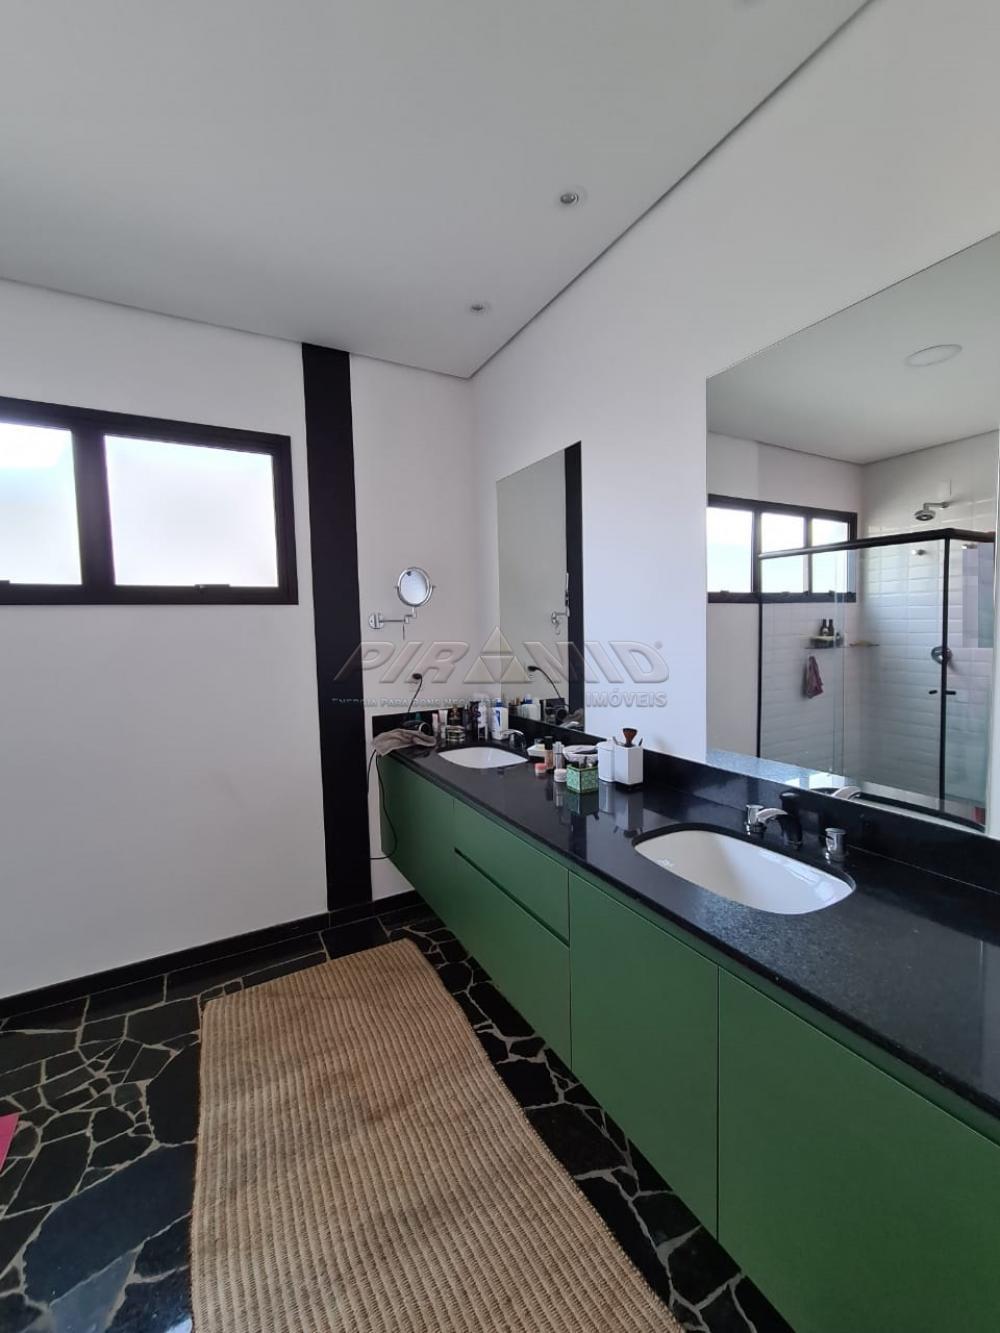 Comprar Casa / Condomínio em Bonfim Paulista R$ 2.500.000,00 - Foto 16